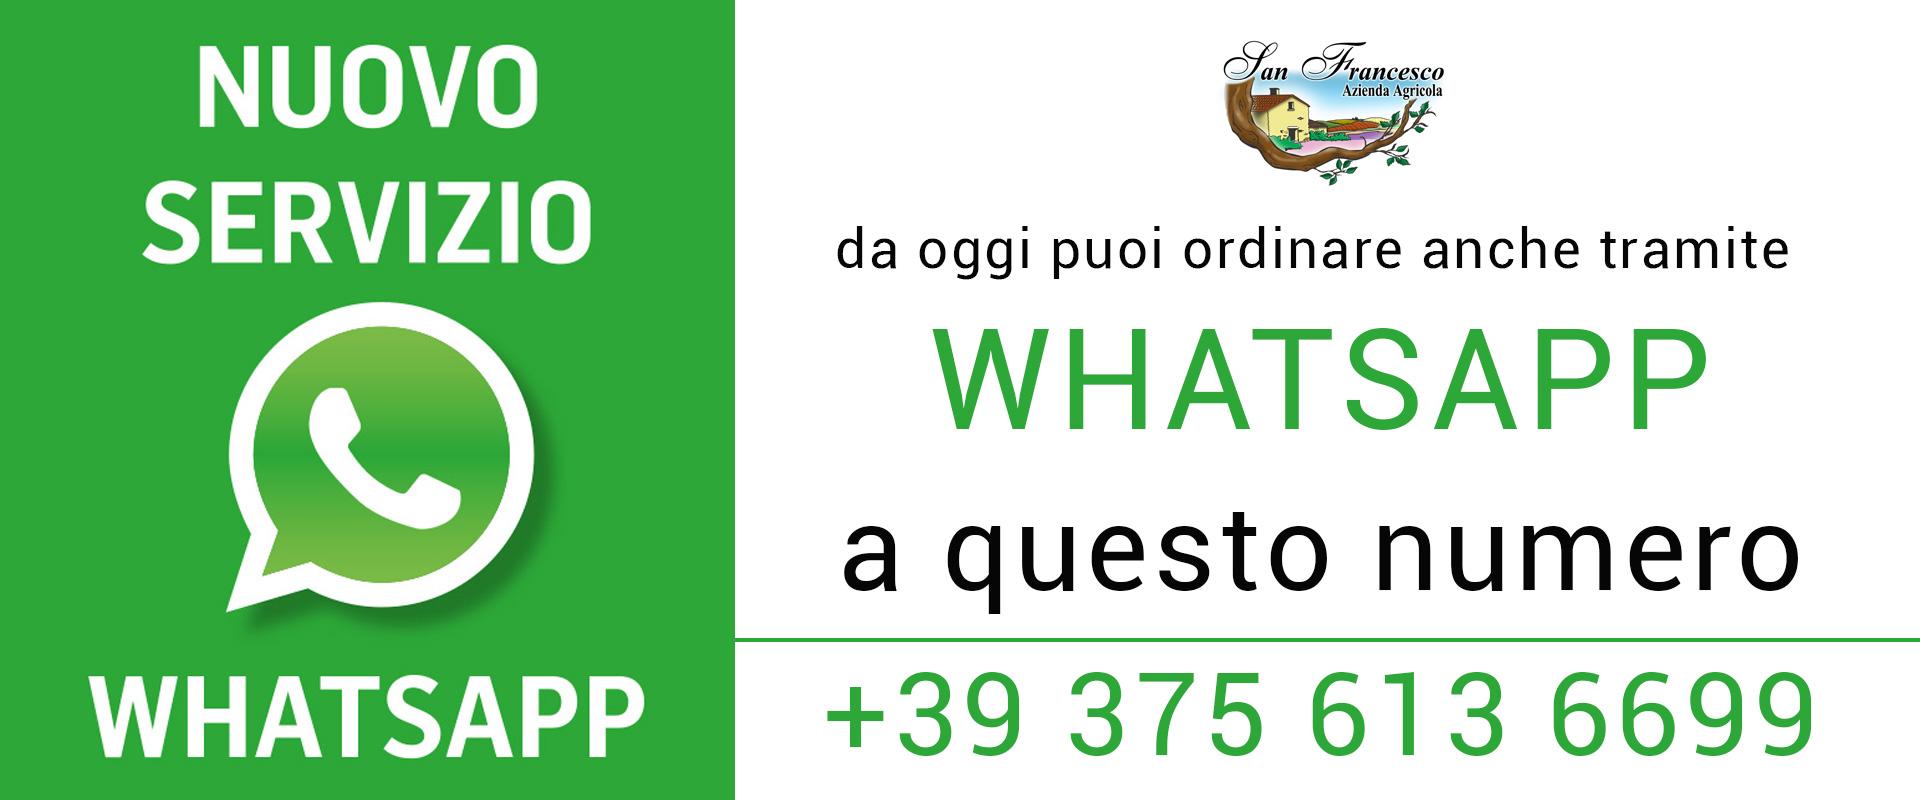 Ordina i tuoi Prodotti BIO con WhatsApp. San Francesco Azienda Agricola